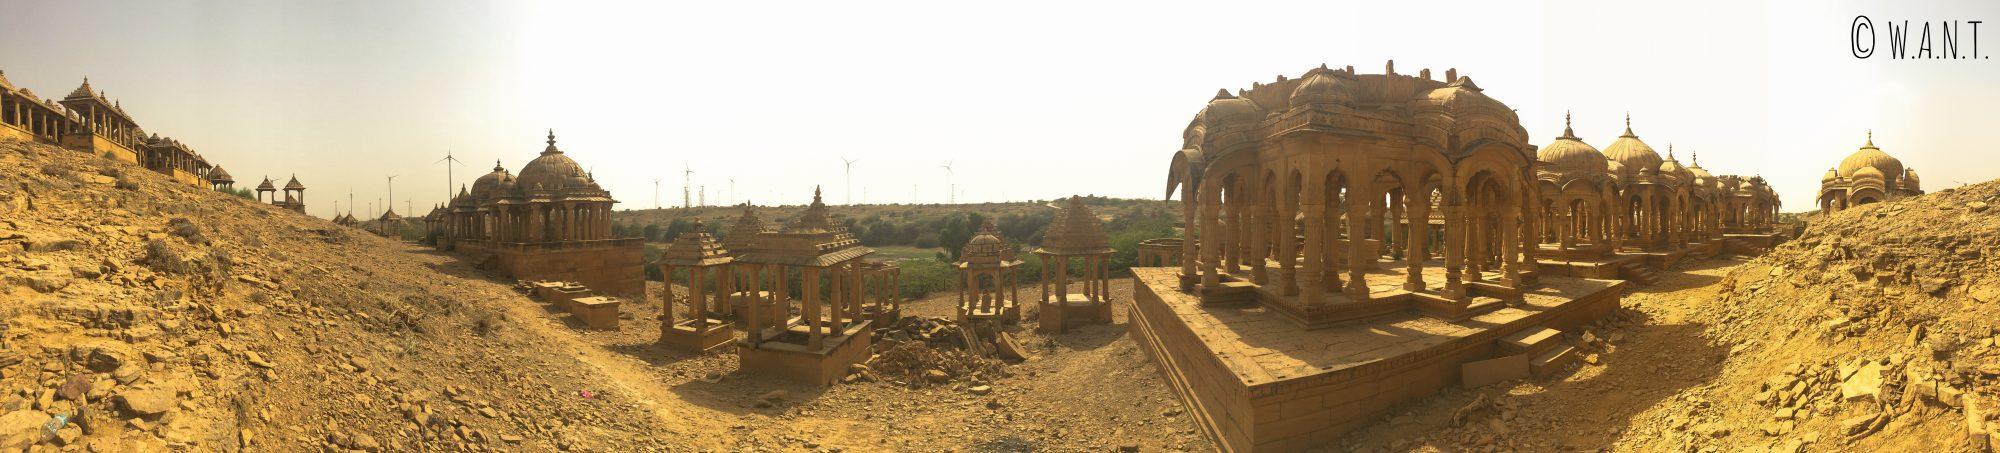 Panorama de Bada Bagh, dans le désert du Thar